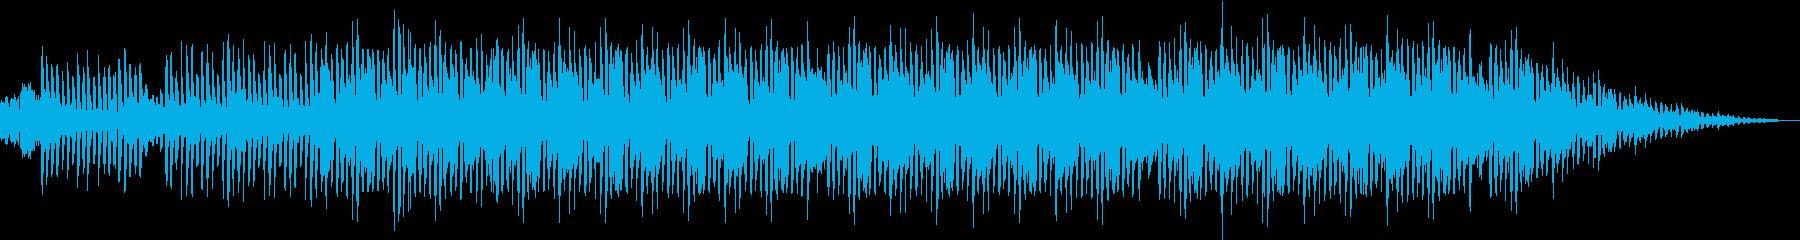 bassの効いたclubmusicの再生済みの波形